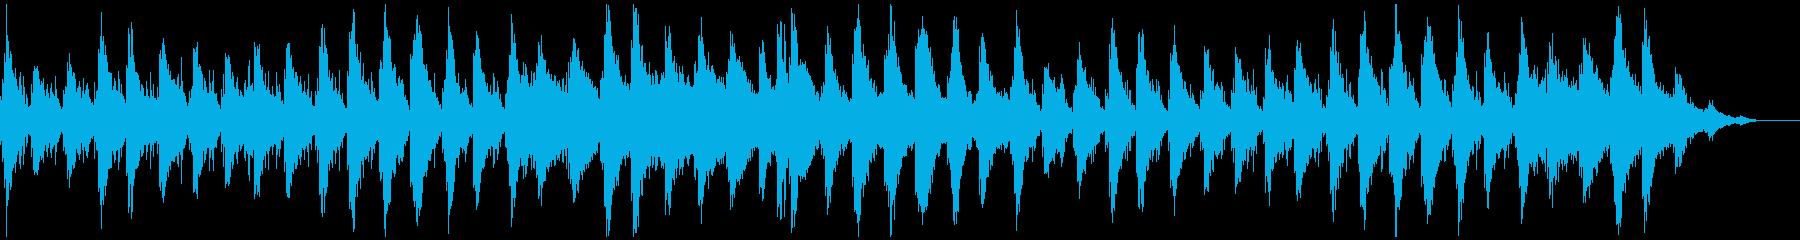 瞑想やヨガ、睡眠誘導のための音楽 03bの再生済みの波形